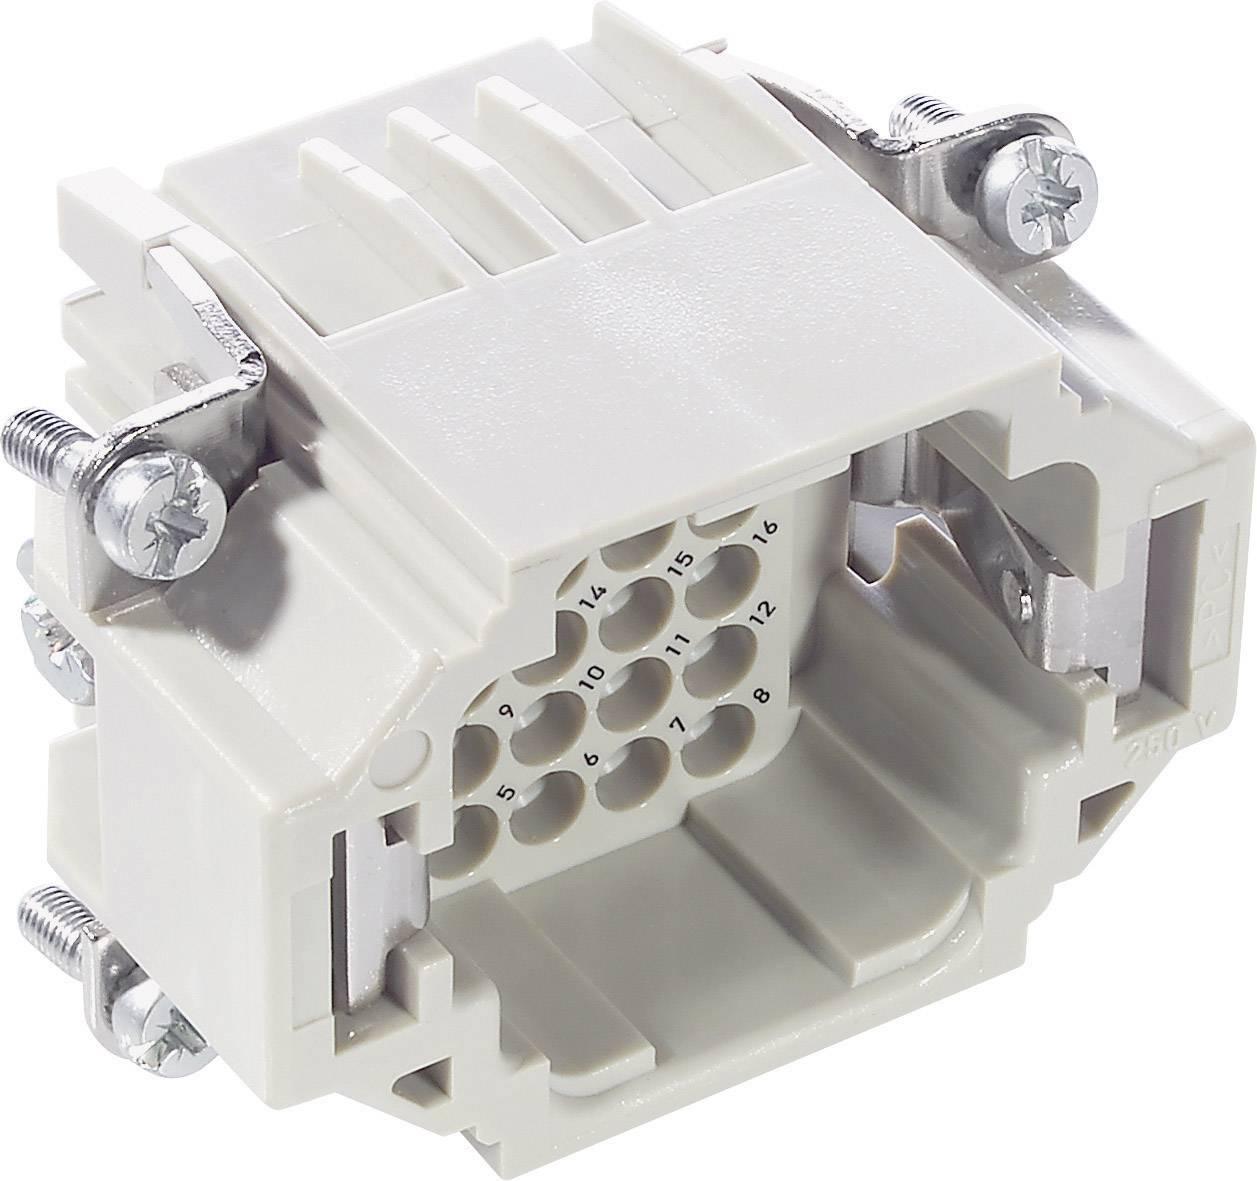 LappKabel EPIC® H-DD 24 SCM (11285000), IP65